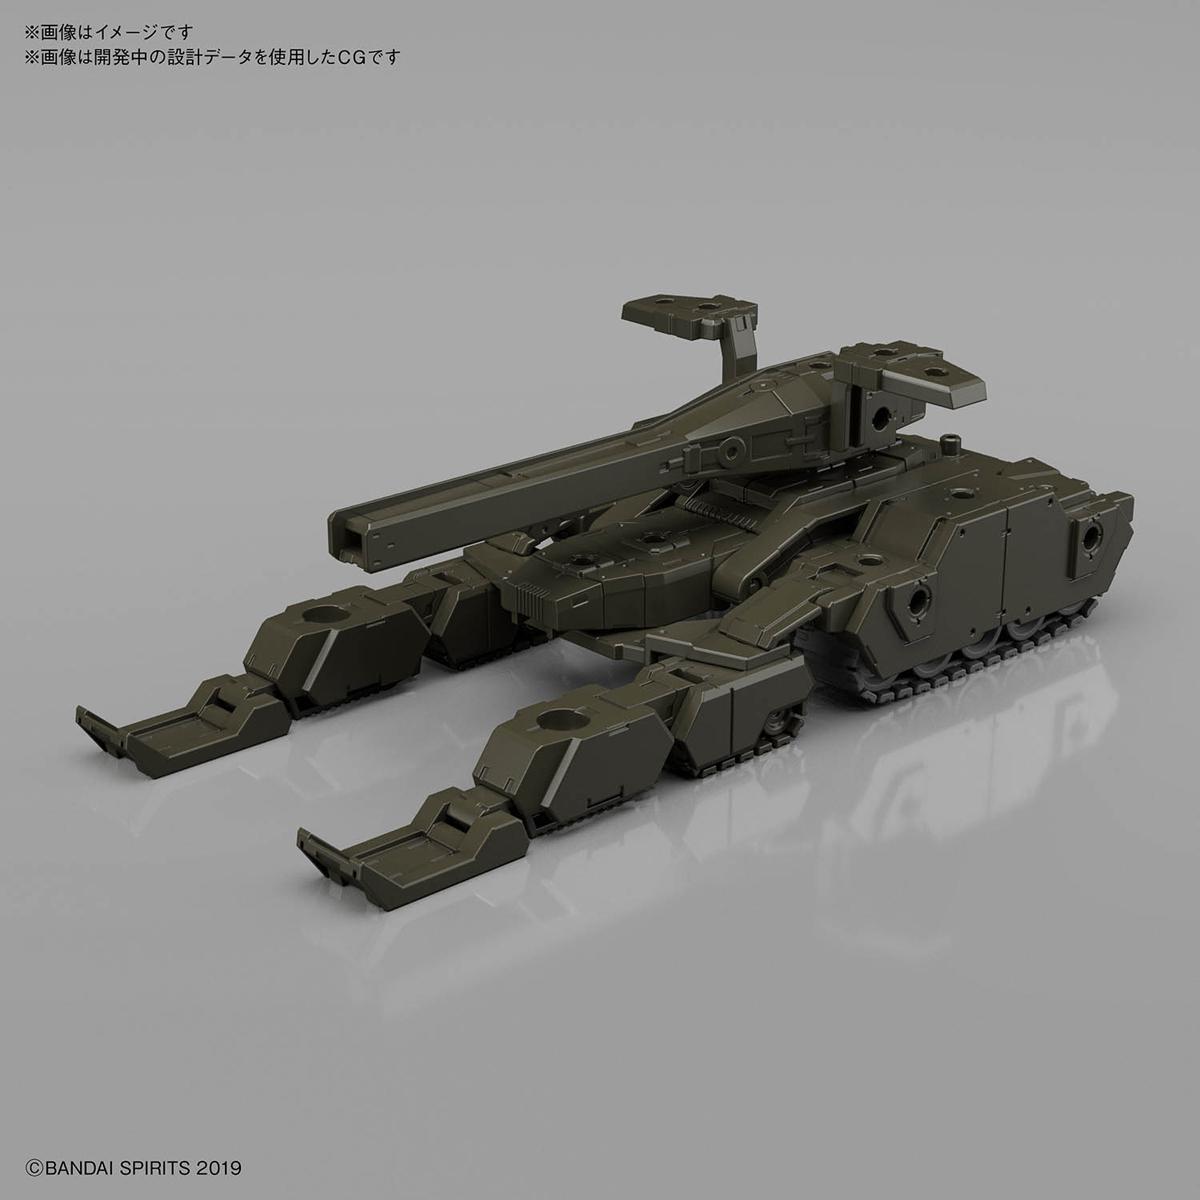 30MM 1/144 擴充武裝機具 (戰車Ver.)[軍綠色]